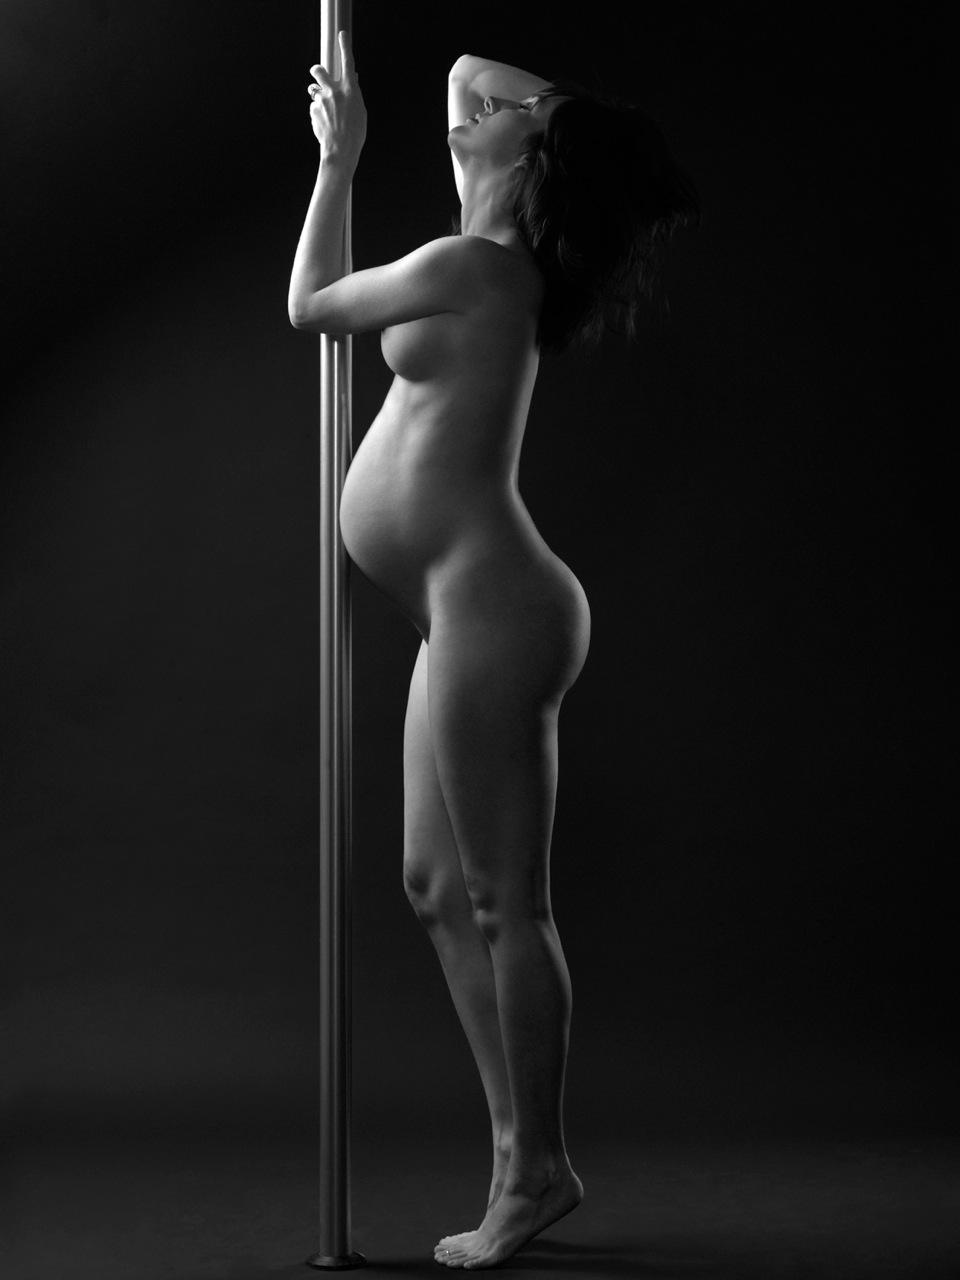 Широкая женщина эротика 16 фотография